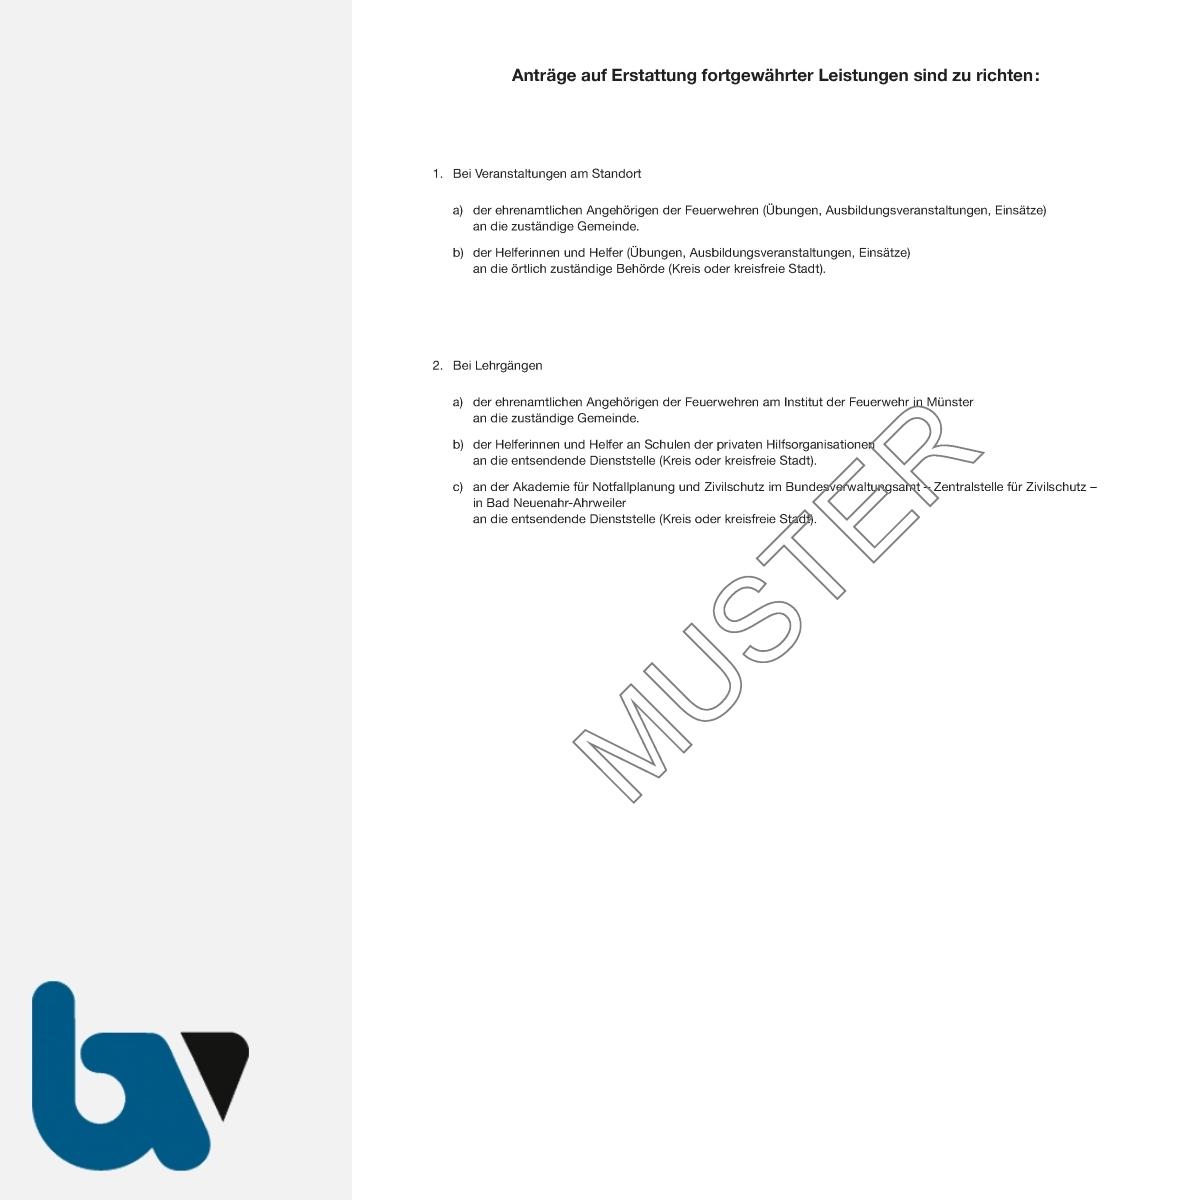 1/469-1 Antrag Erstattung fortgewährt Arbeitsverdienst Sozial Arbeitslosenversicherung sonstige Leistungen Feuerwehr NRW BHKG DIN A4 RS | Borgard Verlag GmbH